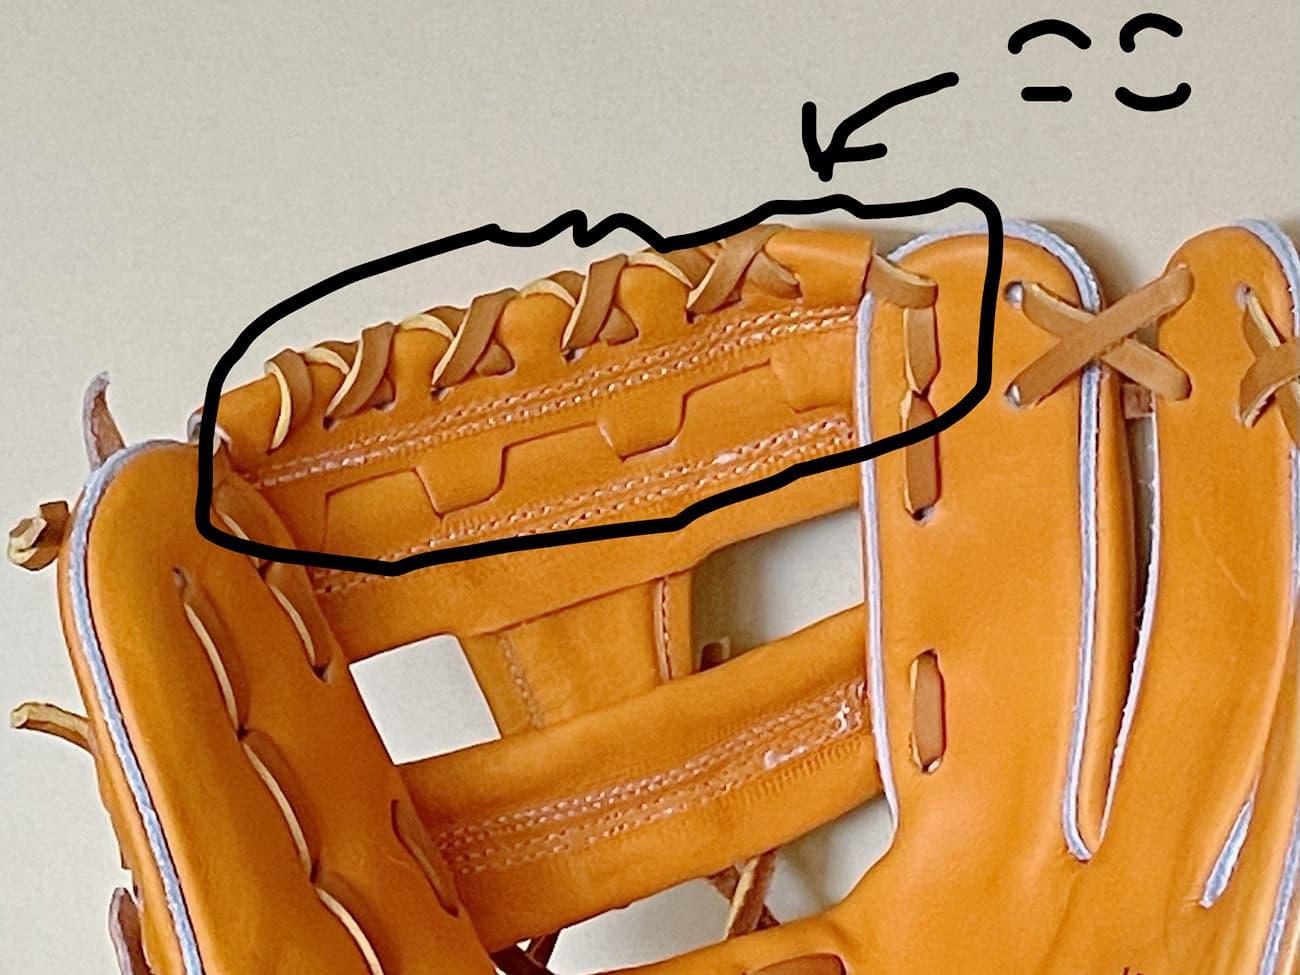 【クボタスラッガー】硬式野球グラブ・KSGAR4(内野手・右投げ)ウェッブ先形状